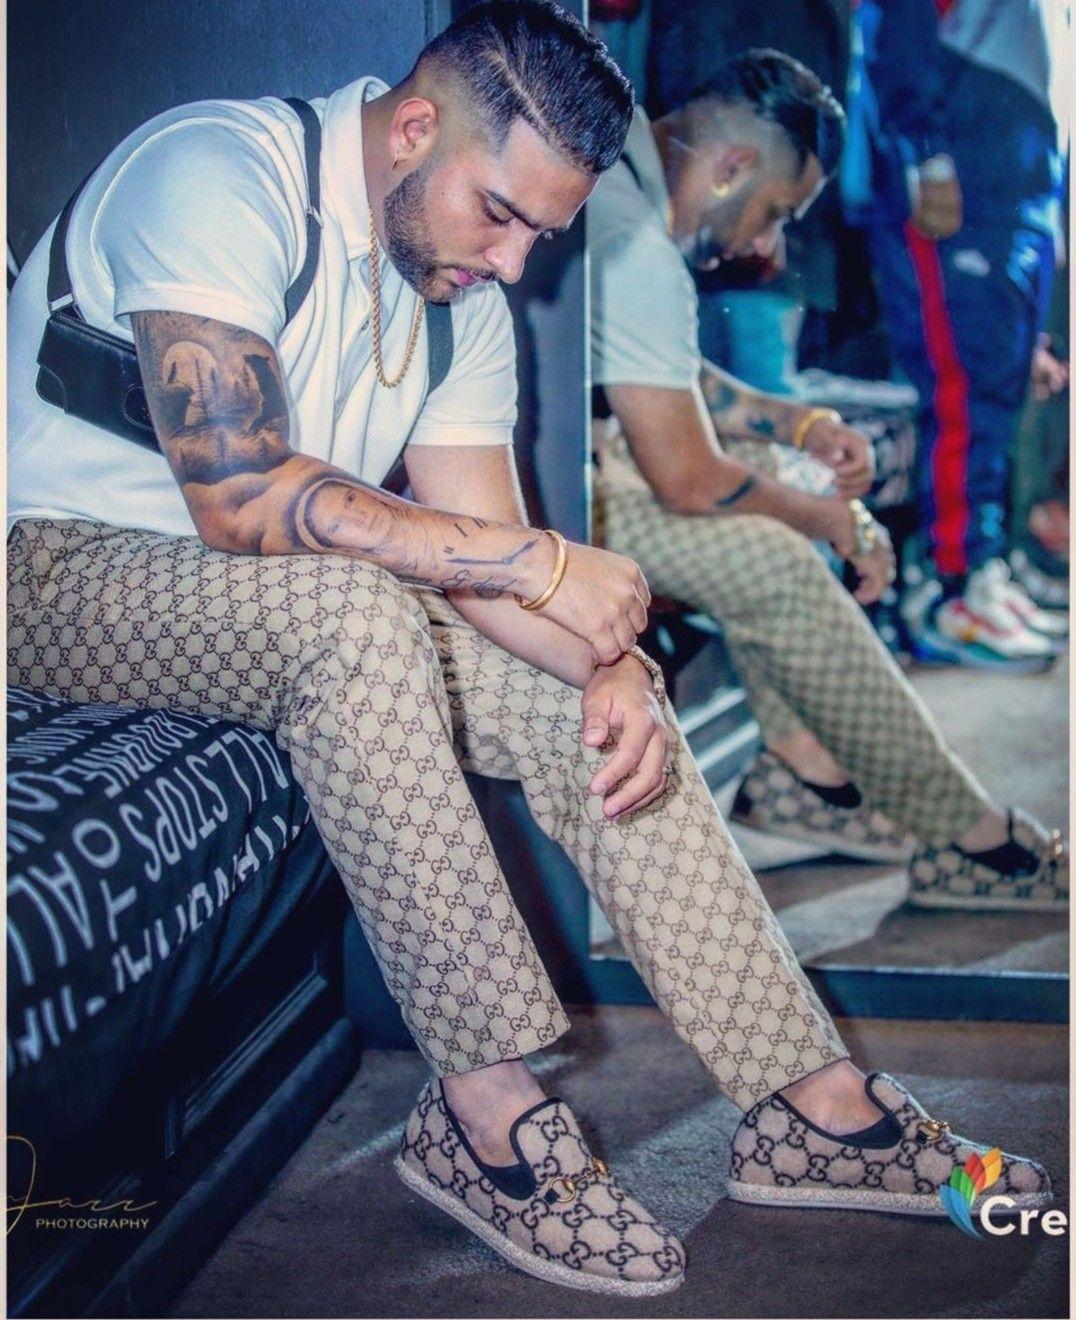 1076x1320 Karan Aujla.  Tải xuống bài hát mới, các chàng trai Punjabi, bài đăng trên Instagram